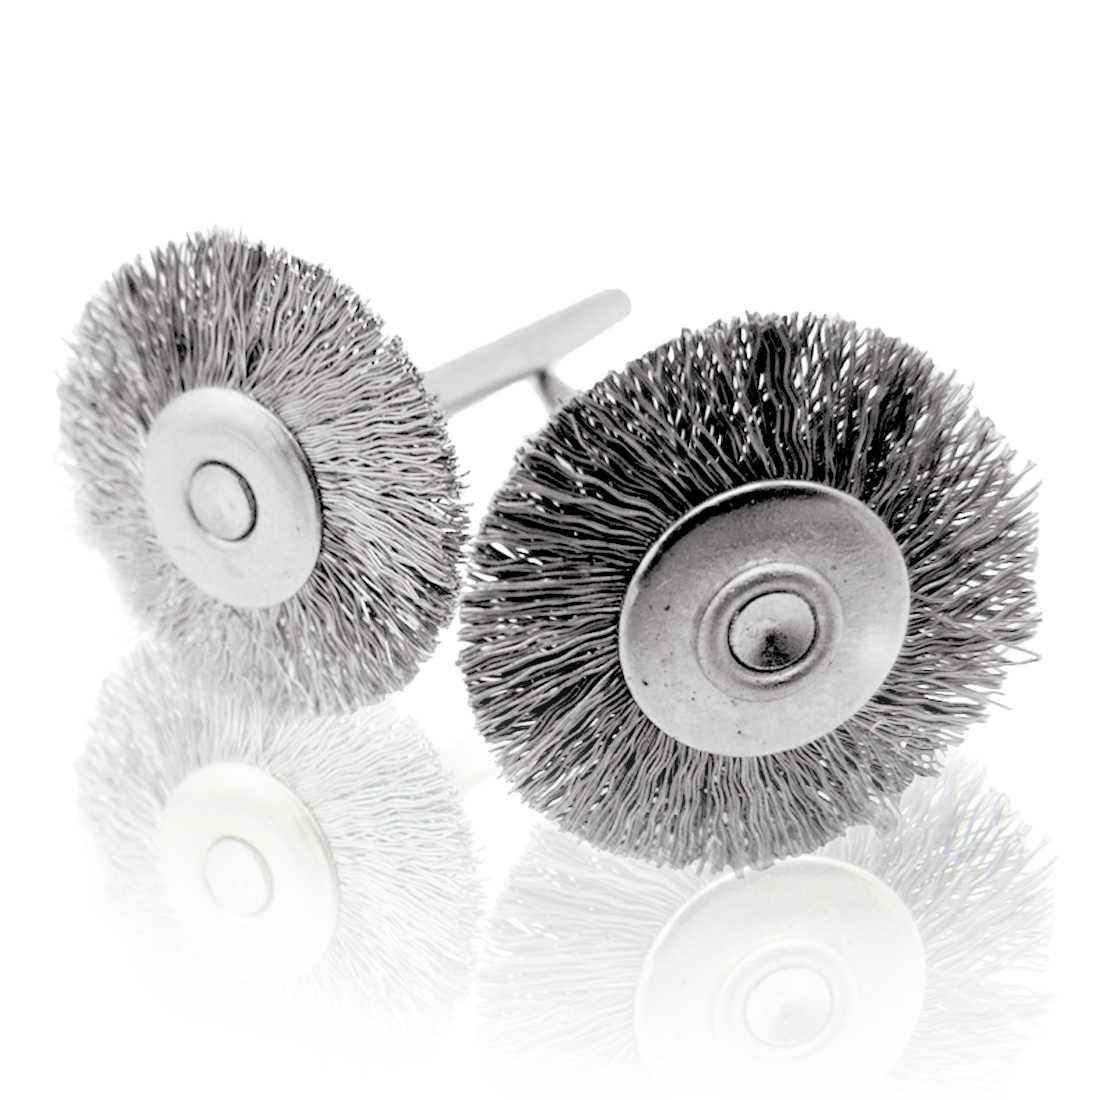 10 Uds 25mm Mini cepillo de alambre de acero inoxidable rueda de pulido para amoladora herramienta giratoria ruedas de pulido